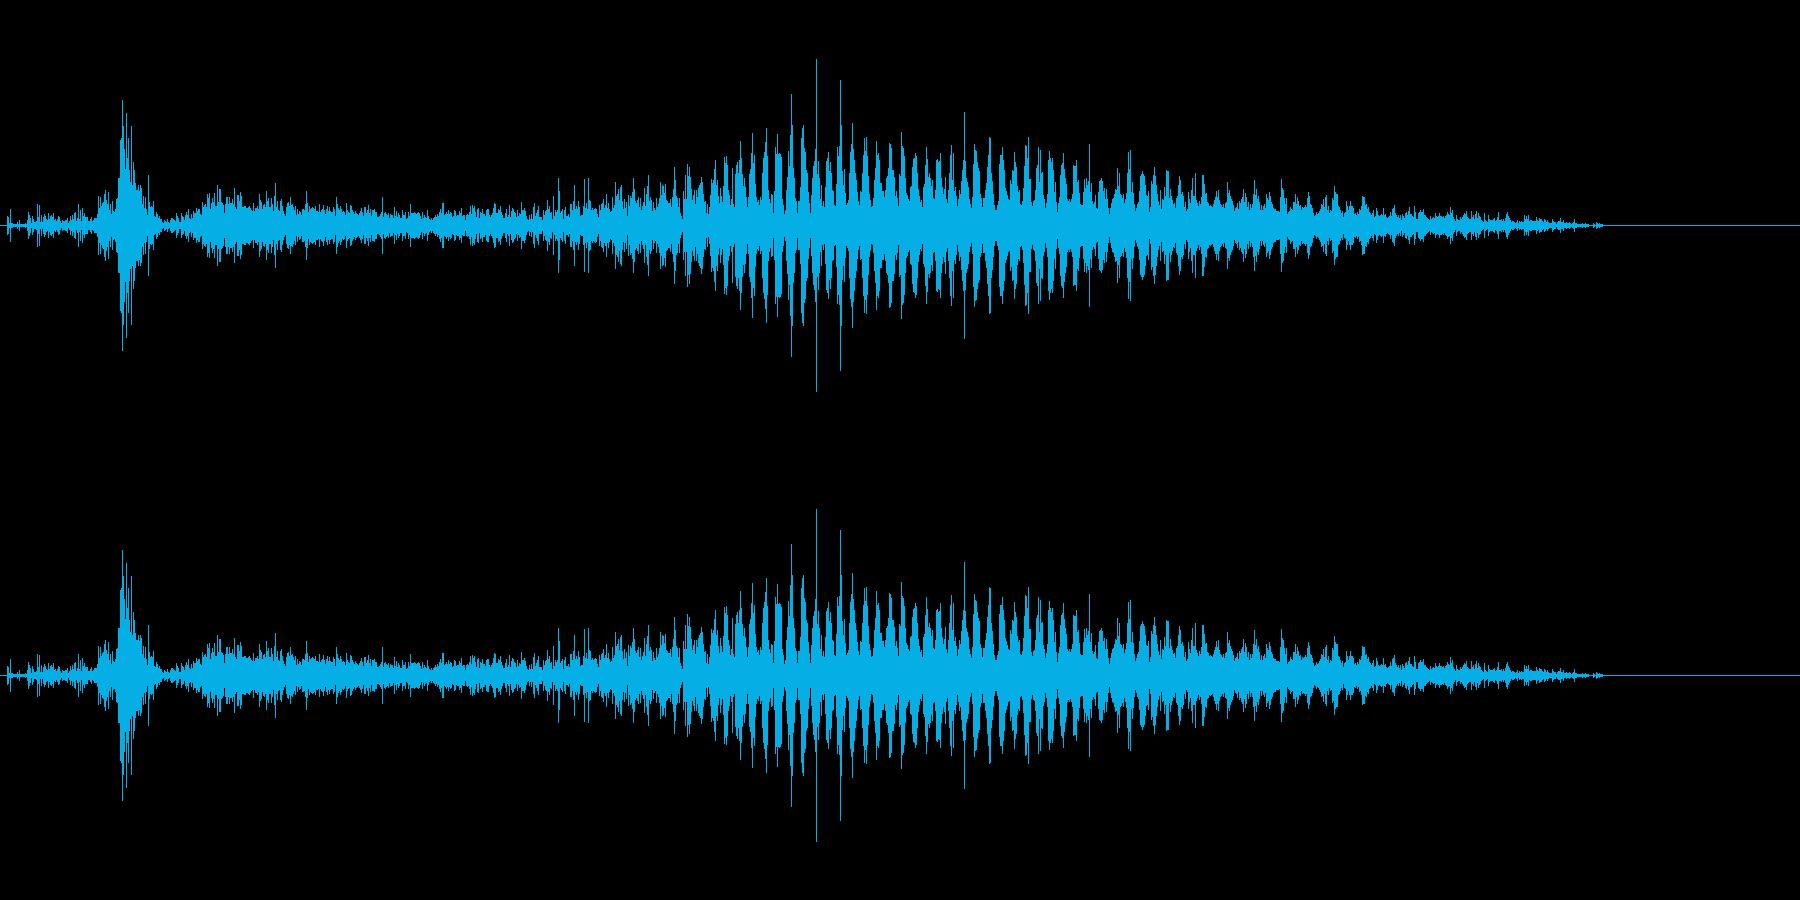 「シャラシャラ〜」レインシェーカーの水音の再生済みの波形